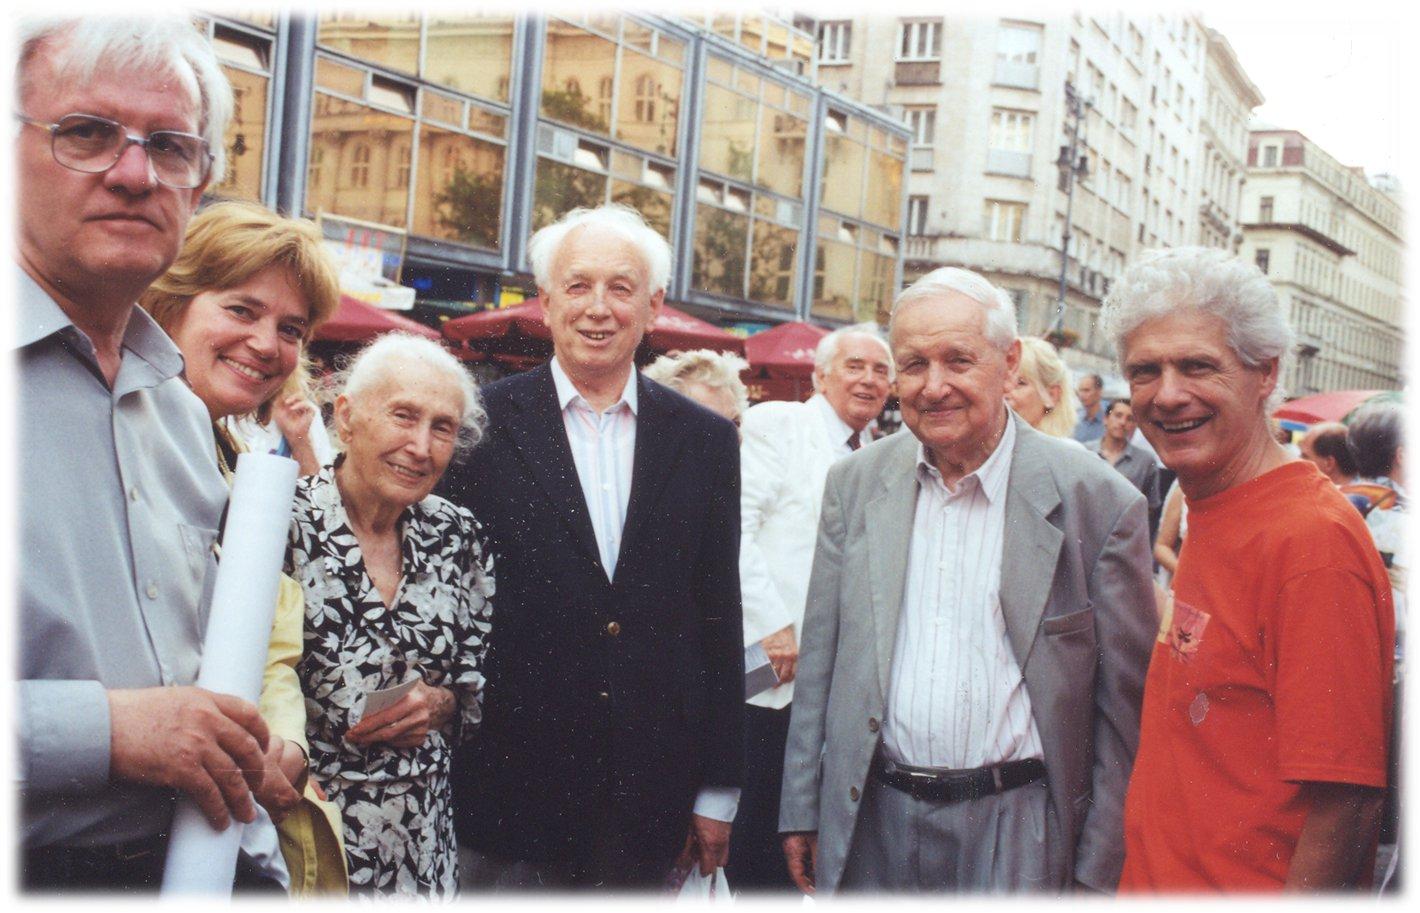 Püski Kiadó - Püski Sándor, Püski Sádorné, Püski István Mádl Ferenccel a 2001.